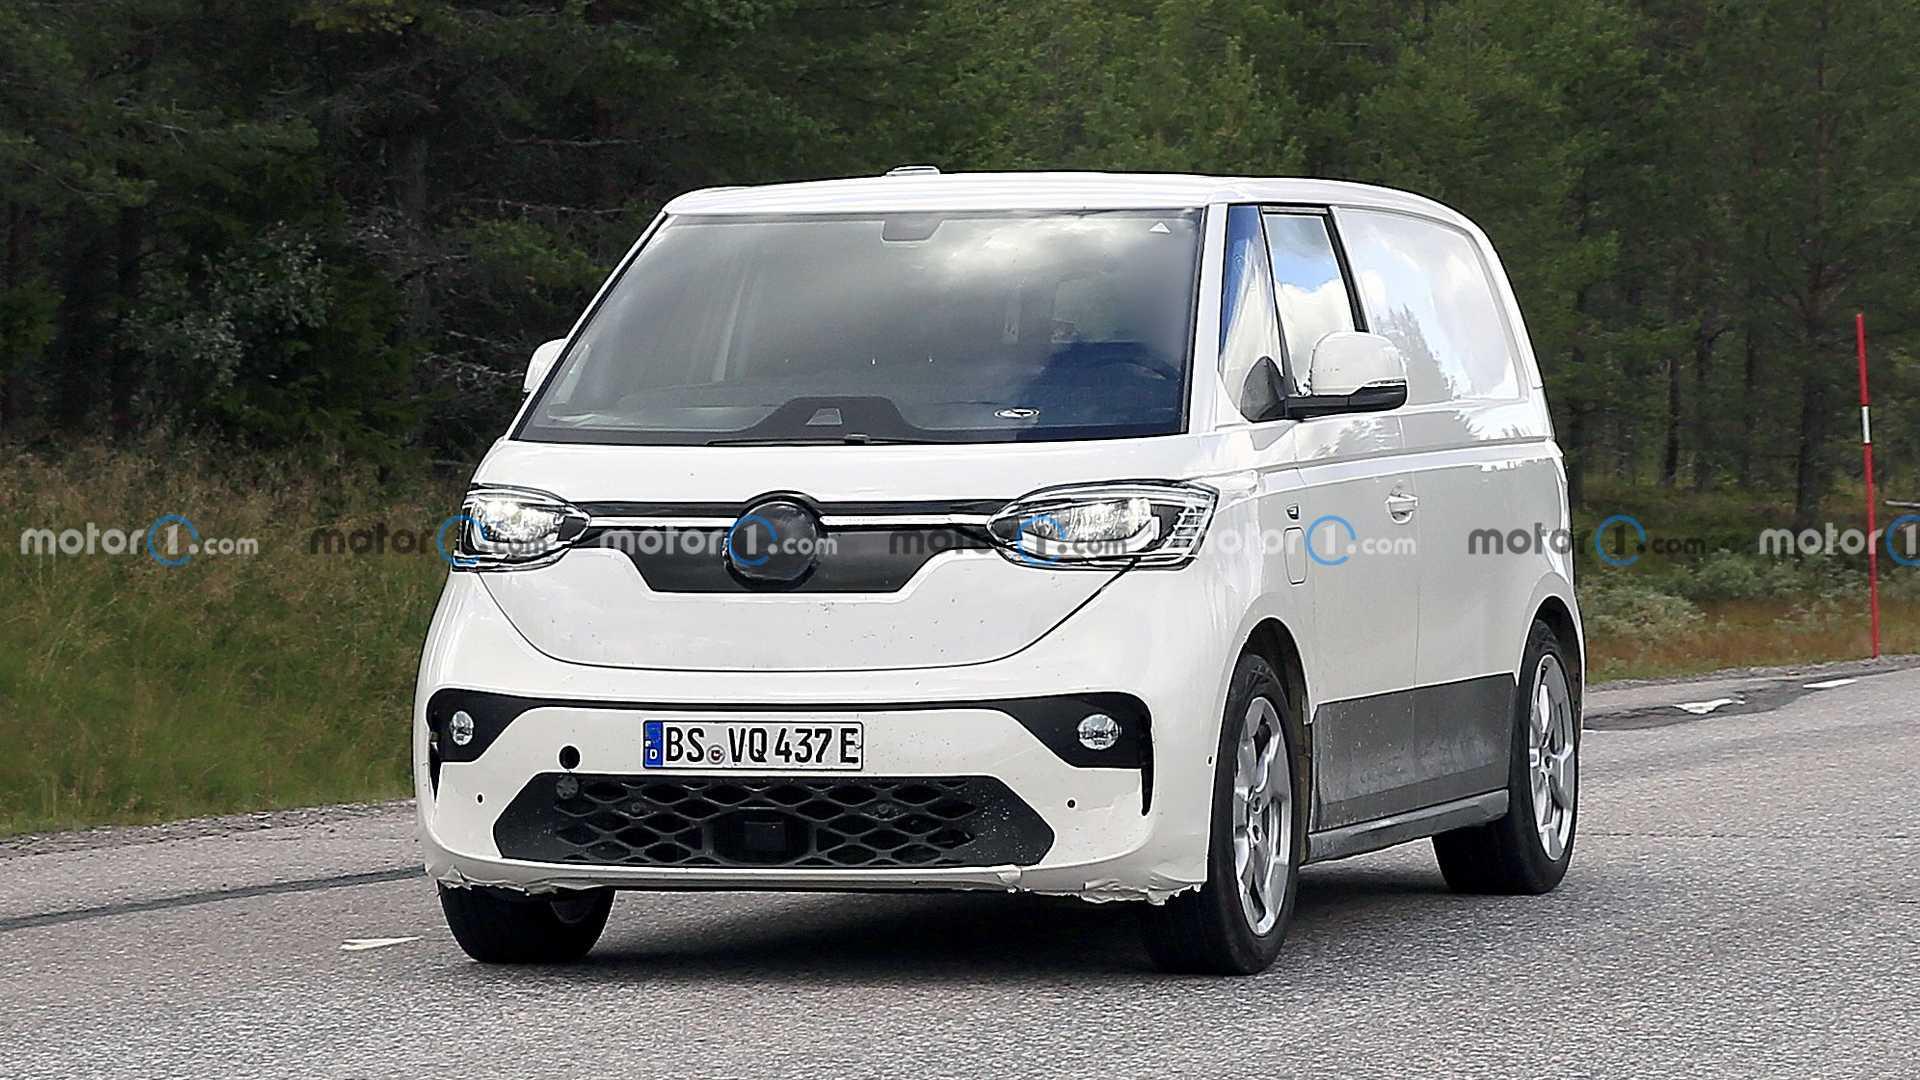 Предлагаем вам свежий взгляд на серийную версию батарейного Volkswagen ID Buzz. Он дебютирует в следующем году и должен приехать в США во второй половине 2023-го.